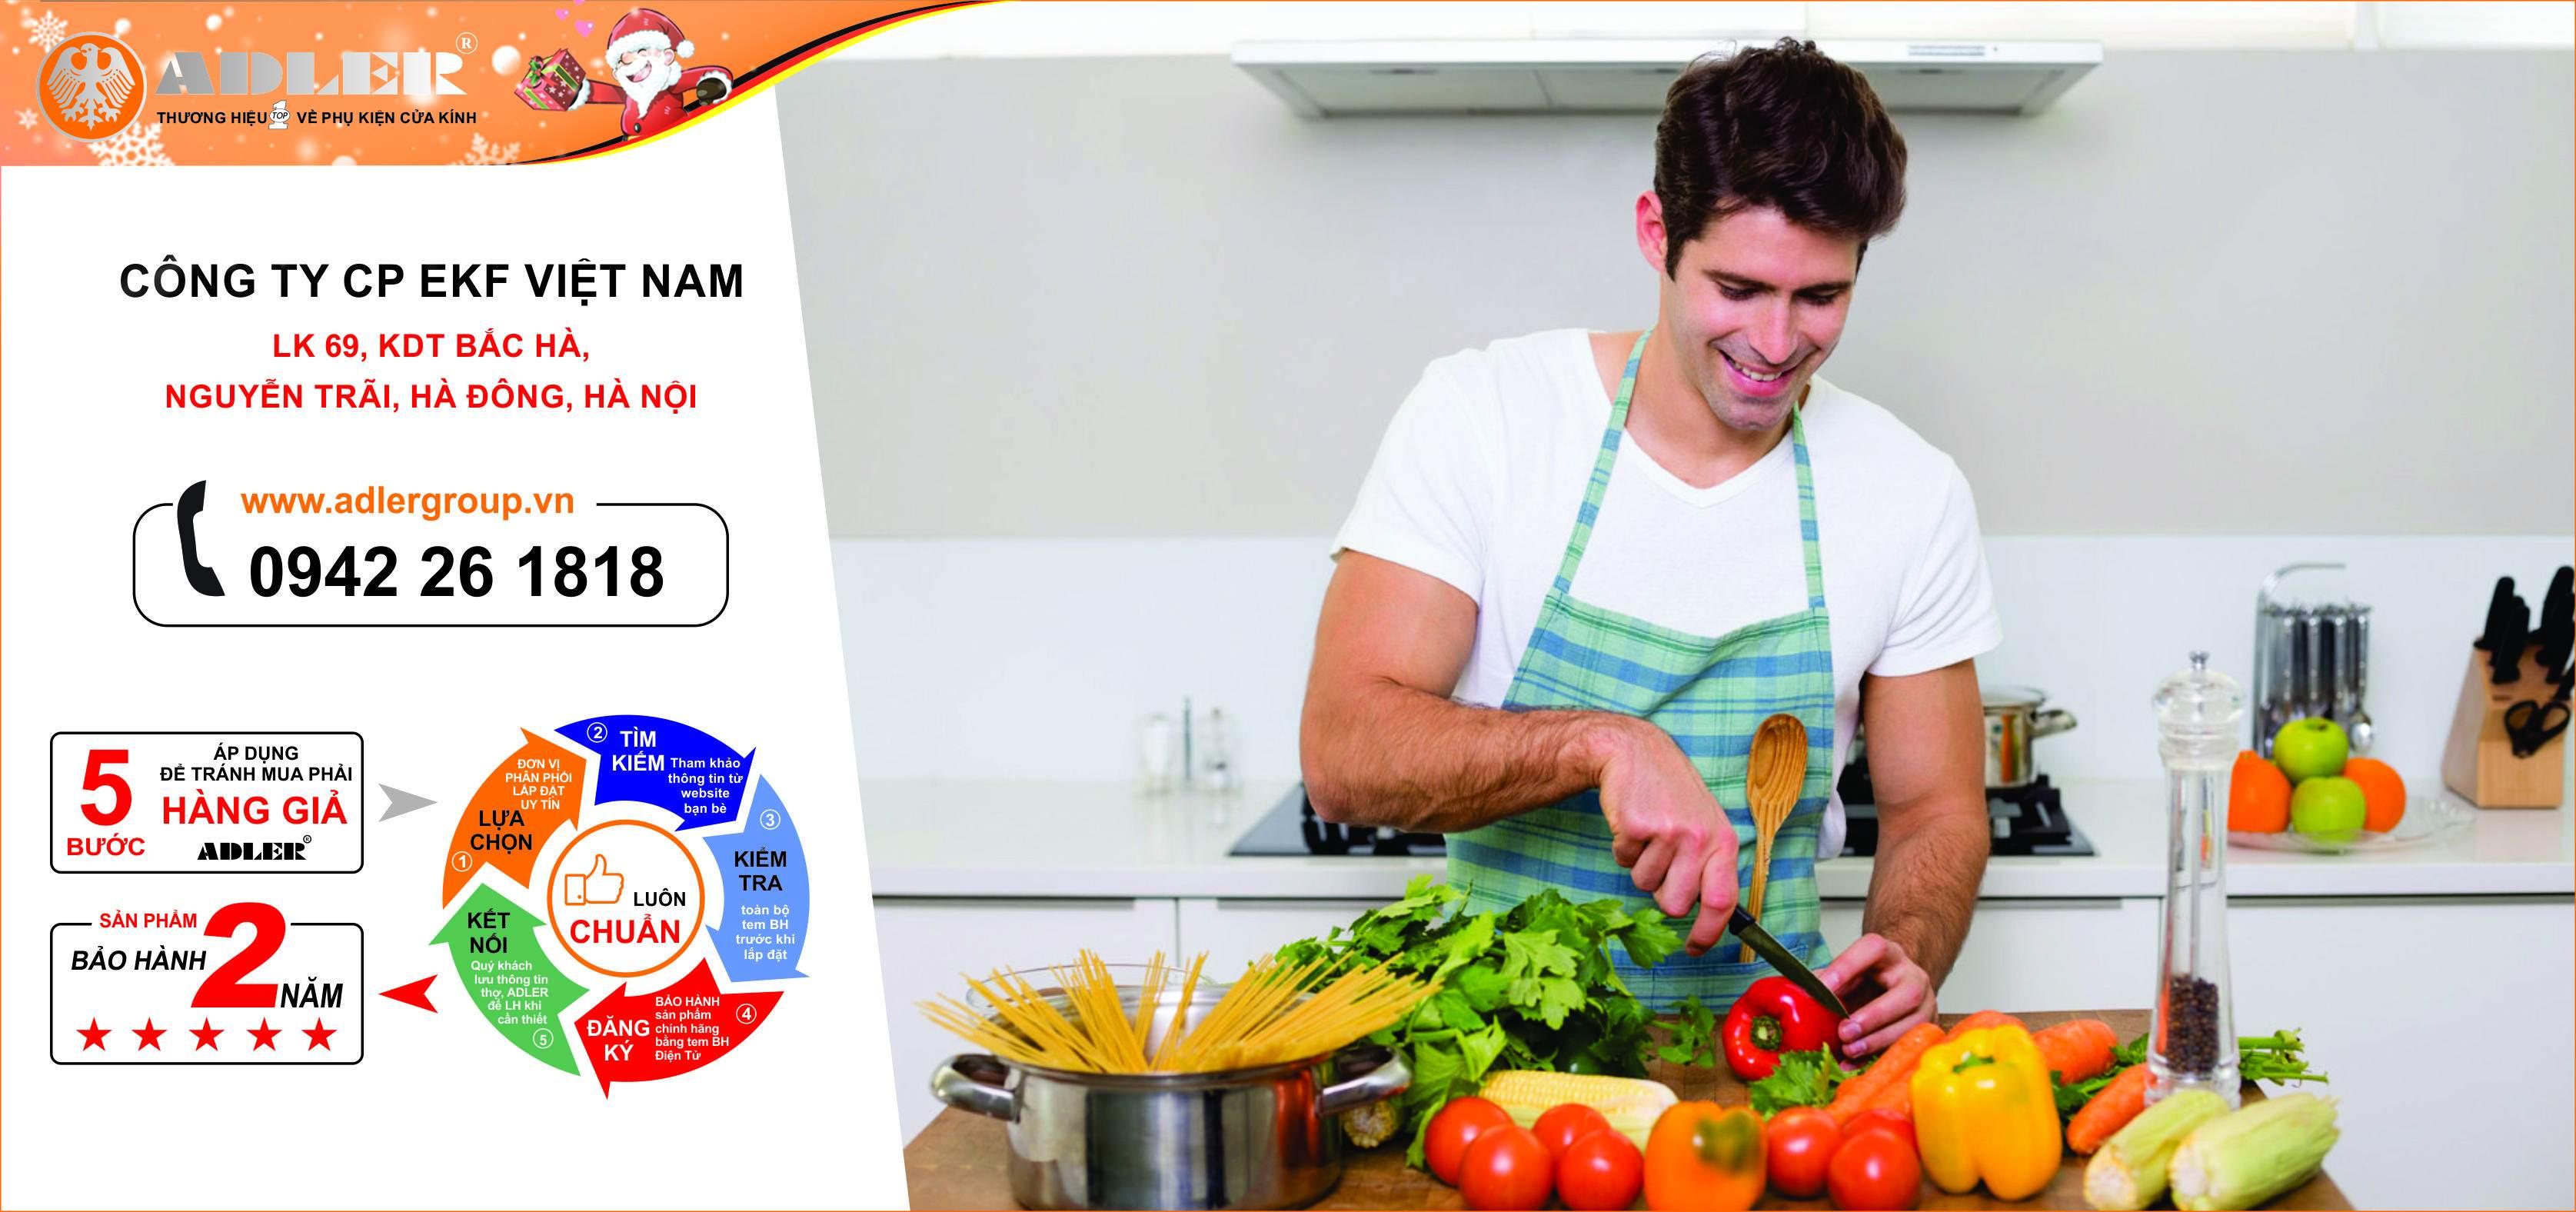 Hãy tự nấu ăn hàng ngày